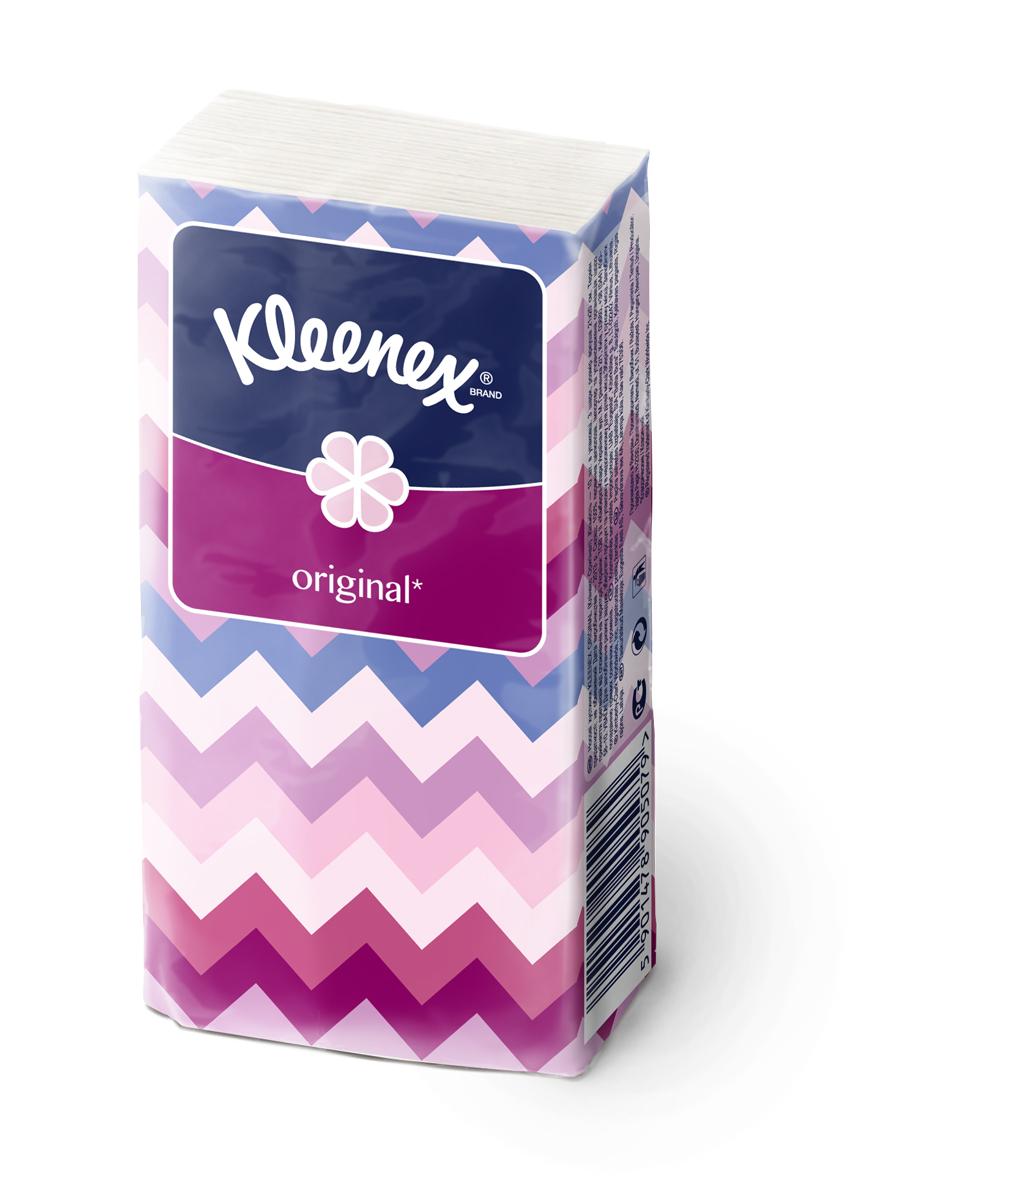 Kleenex Платочки носовые белые Original 10 х 10 шт26083522Мягкость этих платочков и белоснежный цвет являются эталоном среди платочков Клинекс